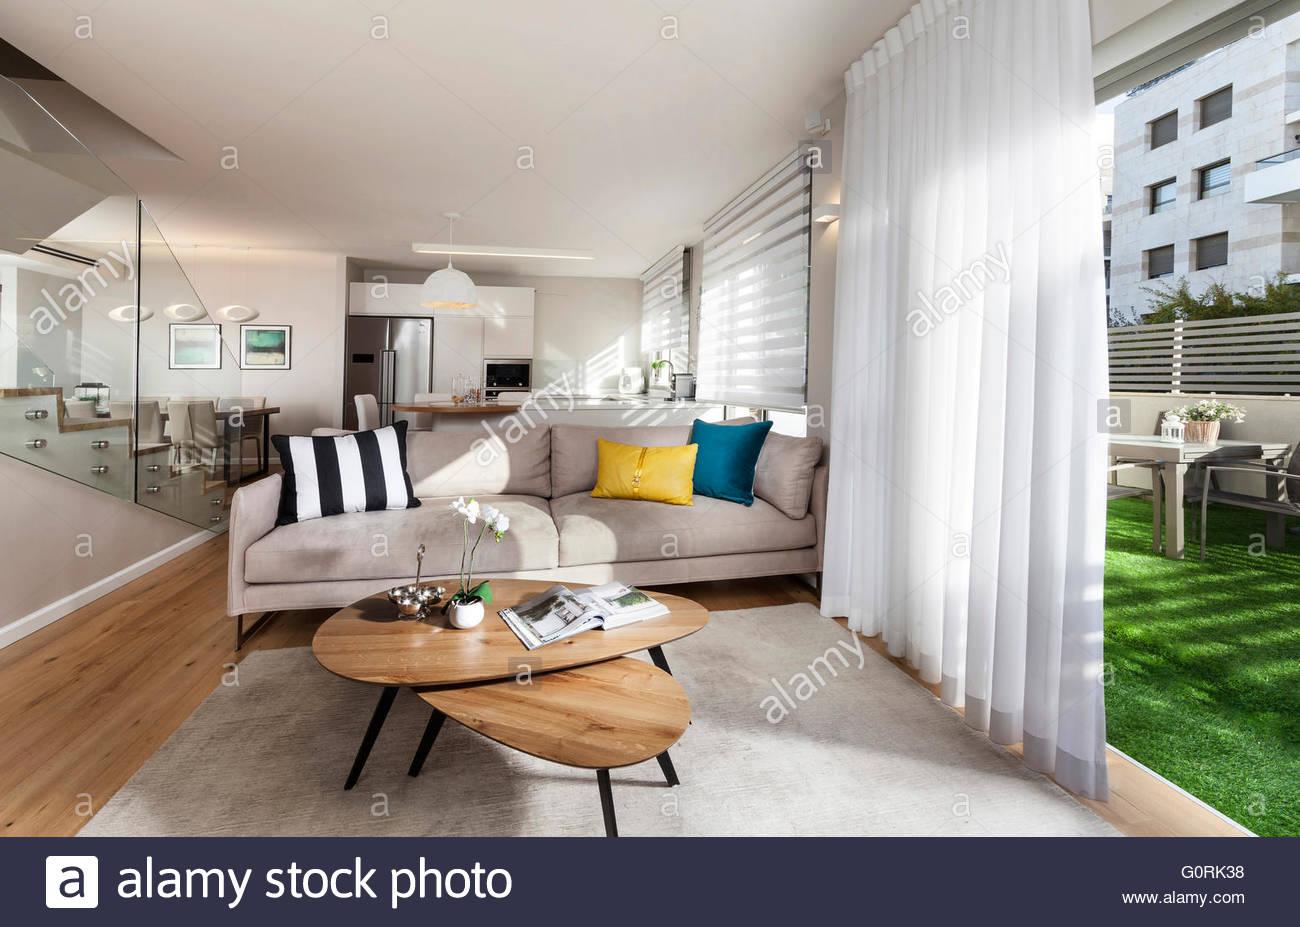 Modernes Haus. Moderne offene Wohnzimmer mit geöffneten ...